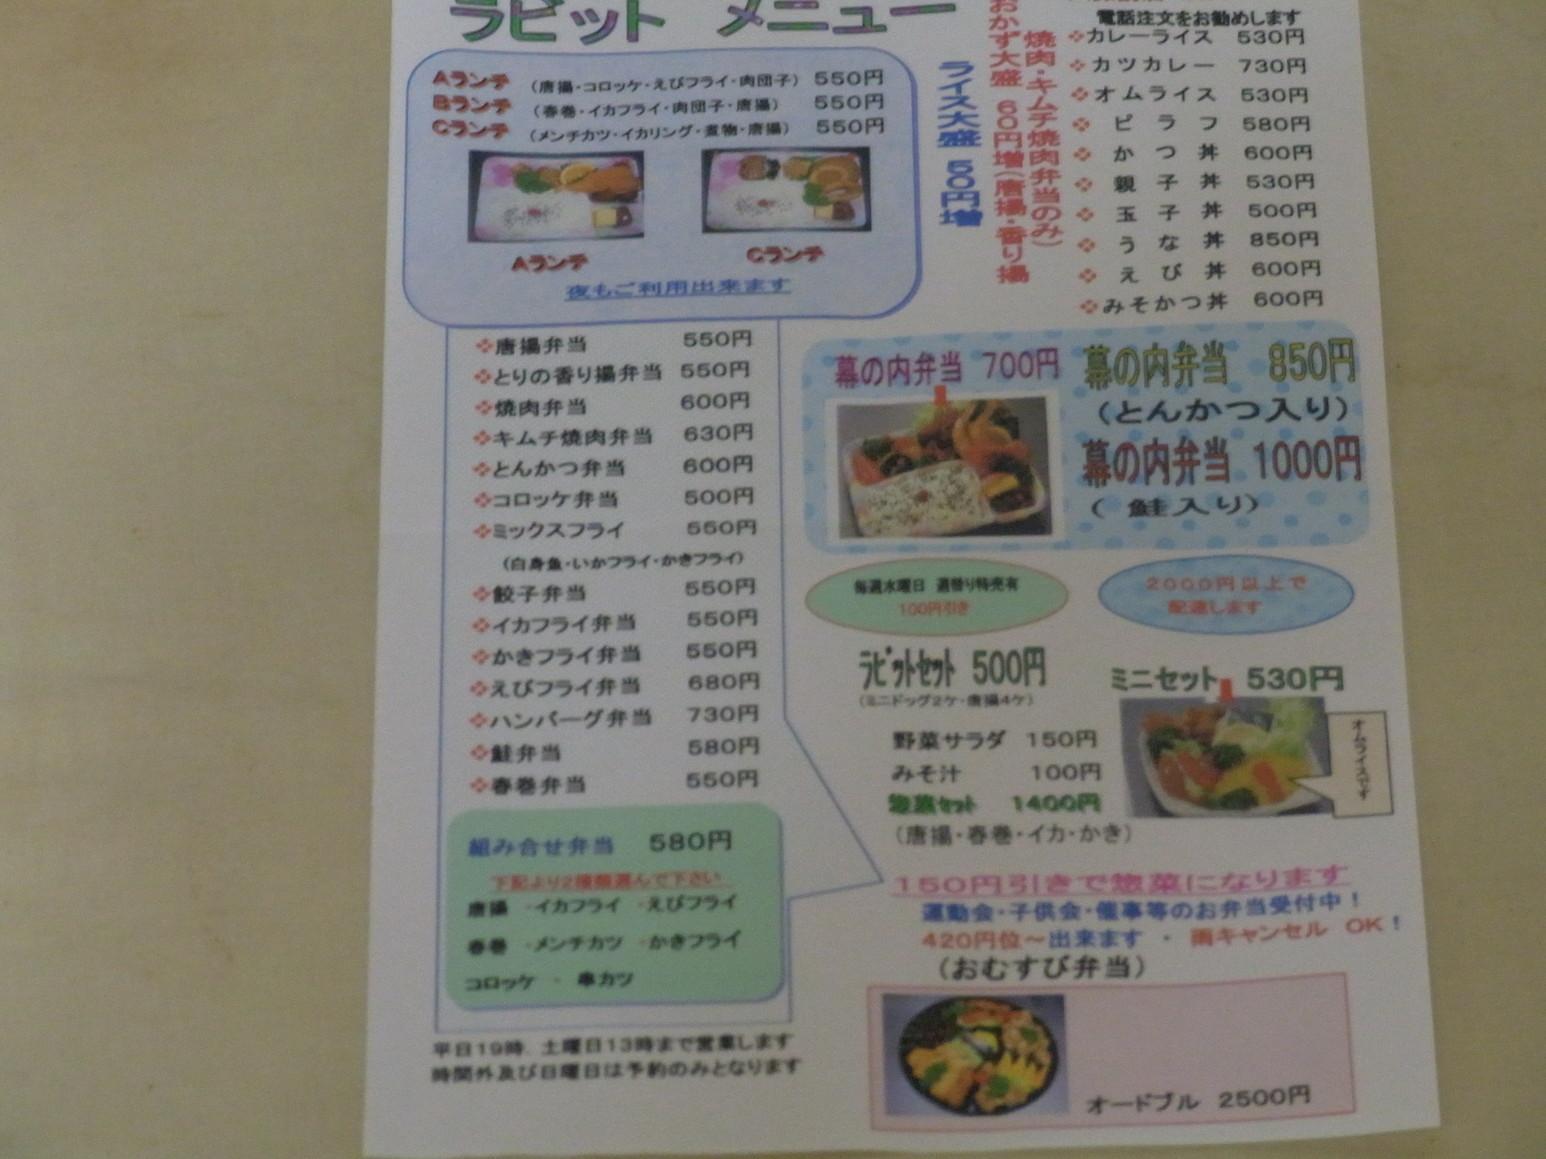 キッチンラビット 大諏訪店 name=